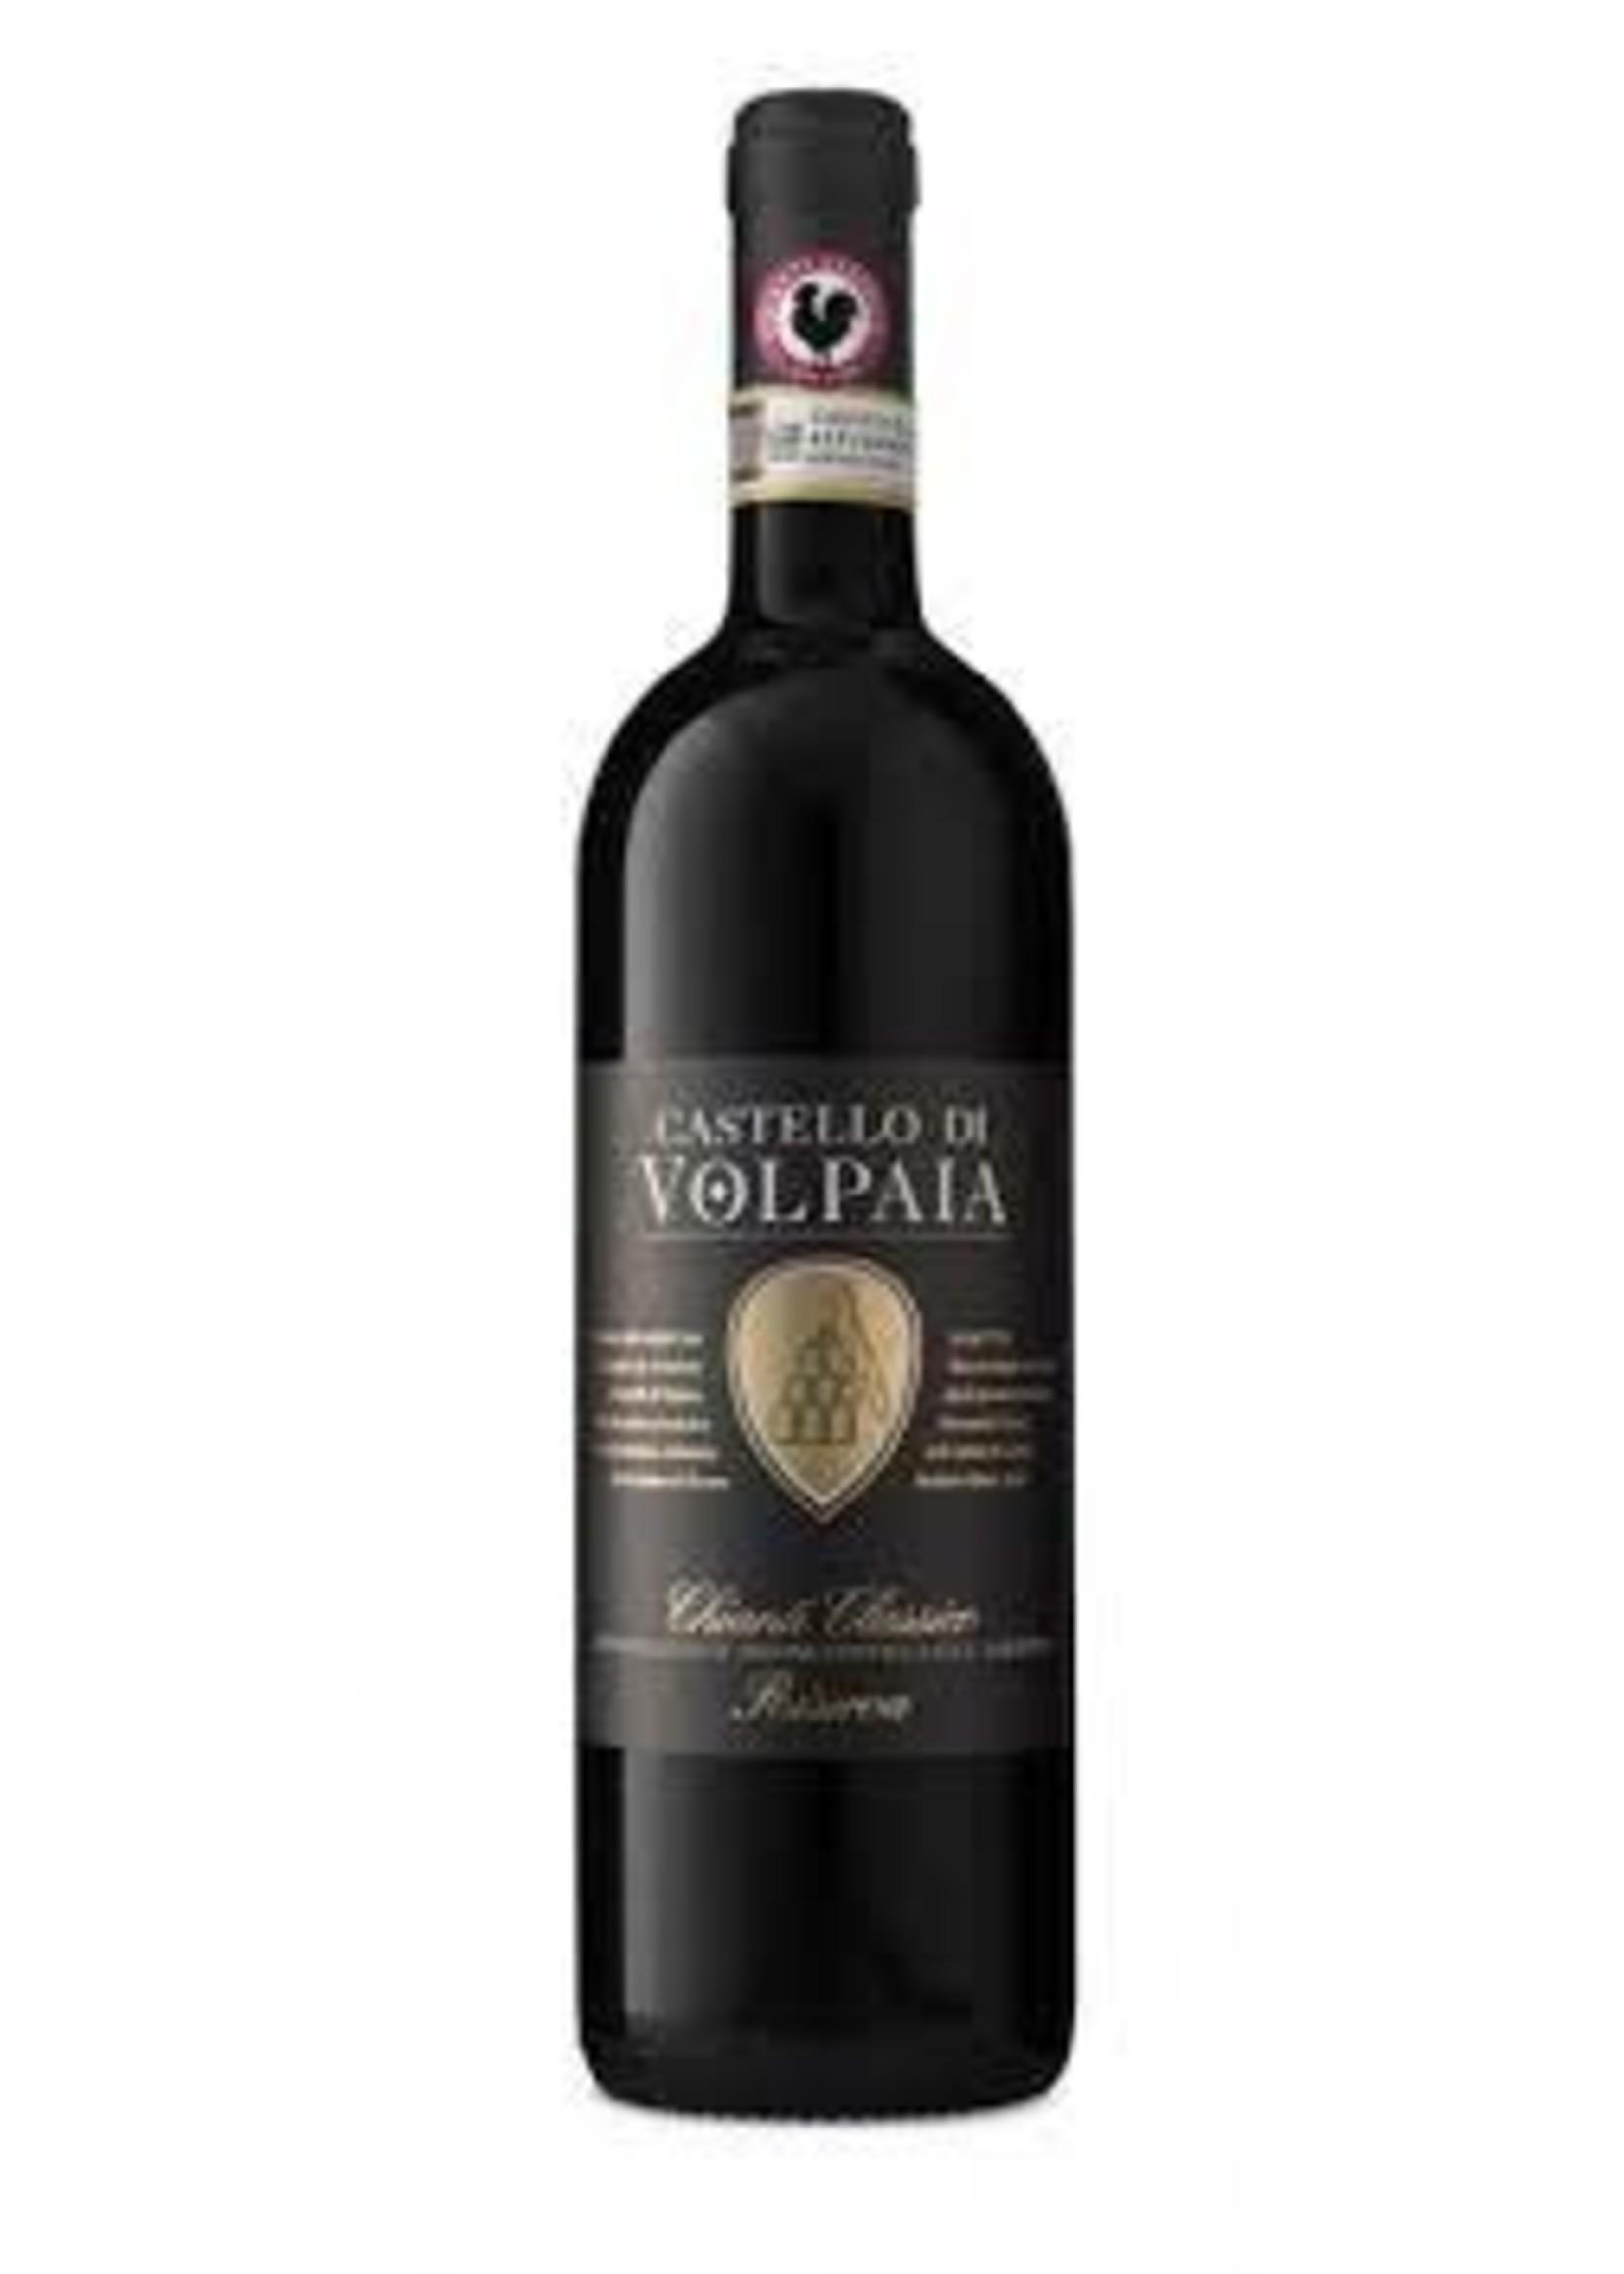 Volpaia 2017 Chianti Classico Riserva 750ml